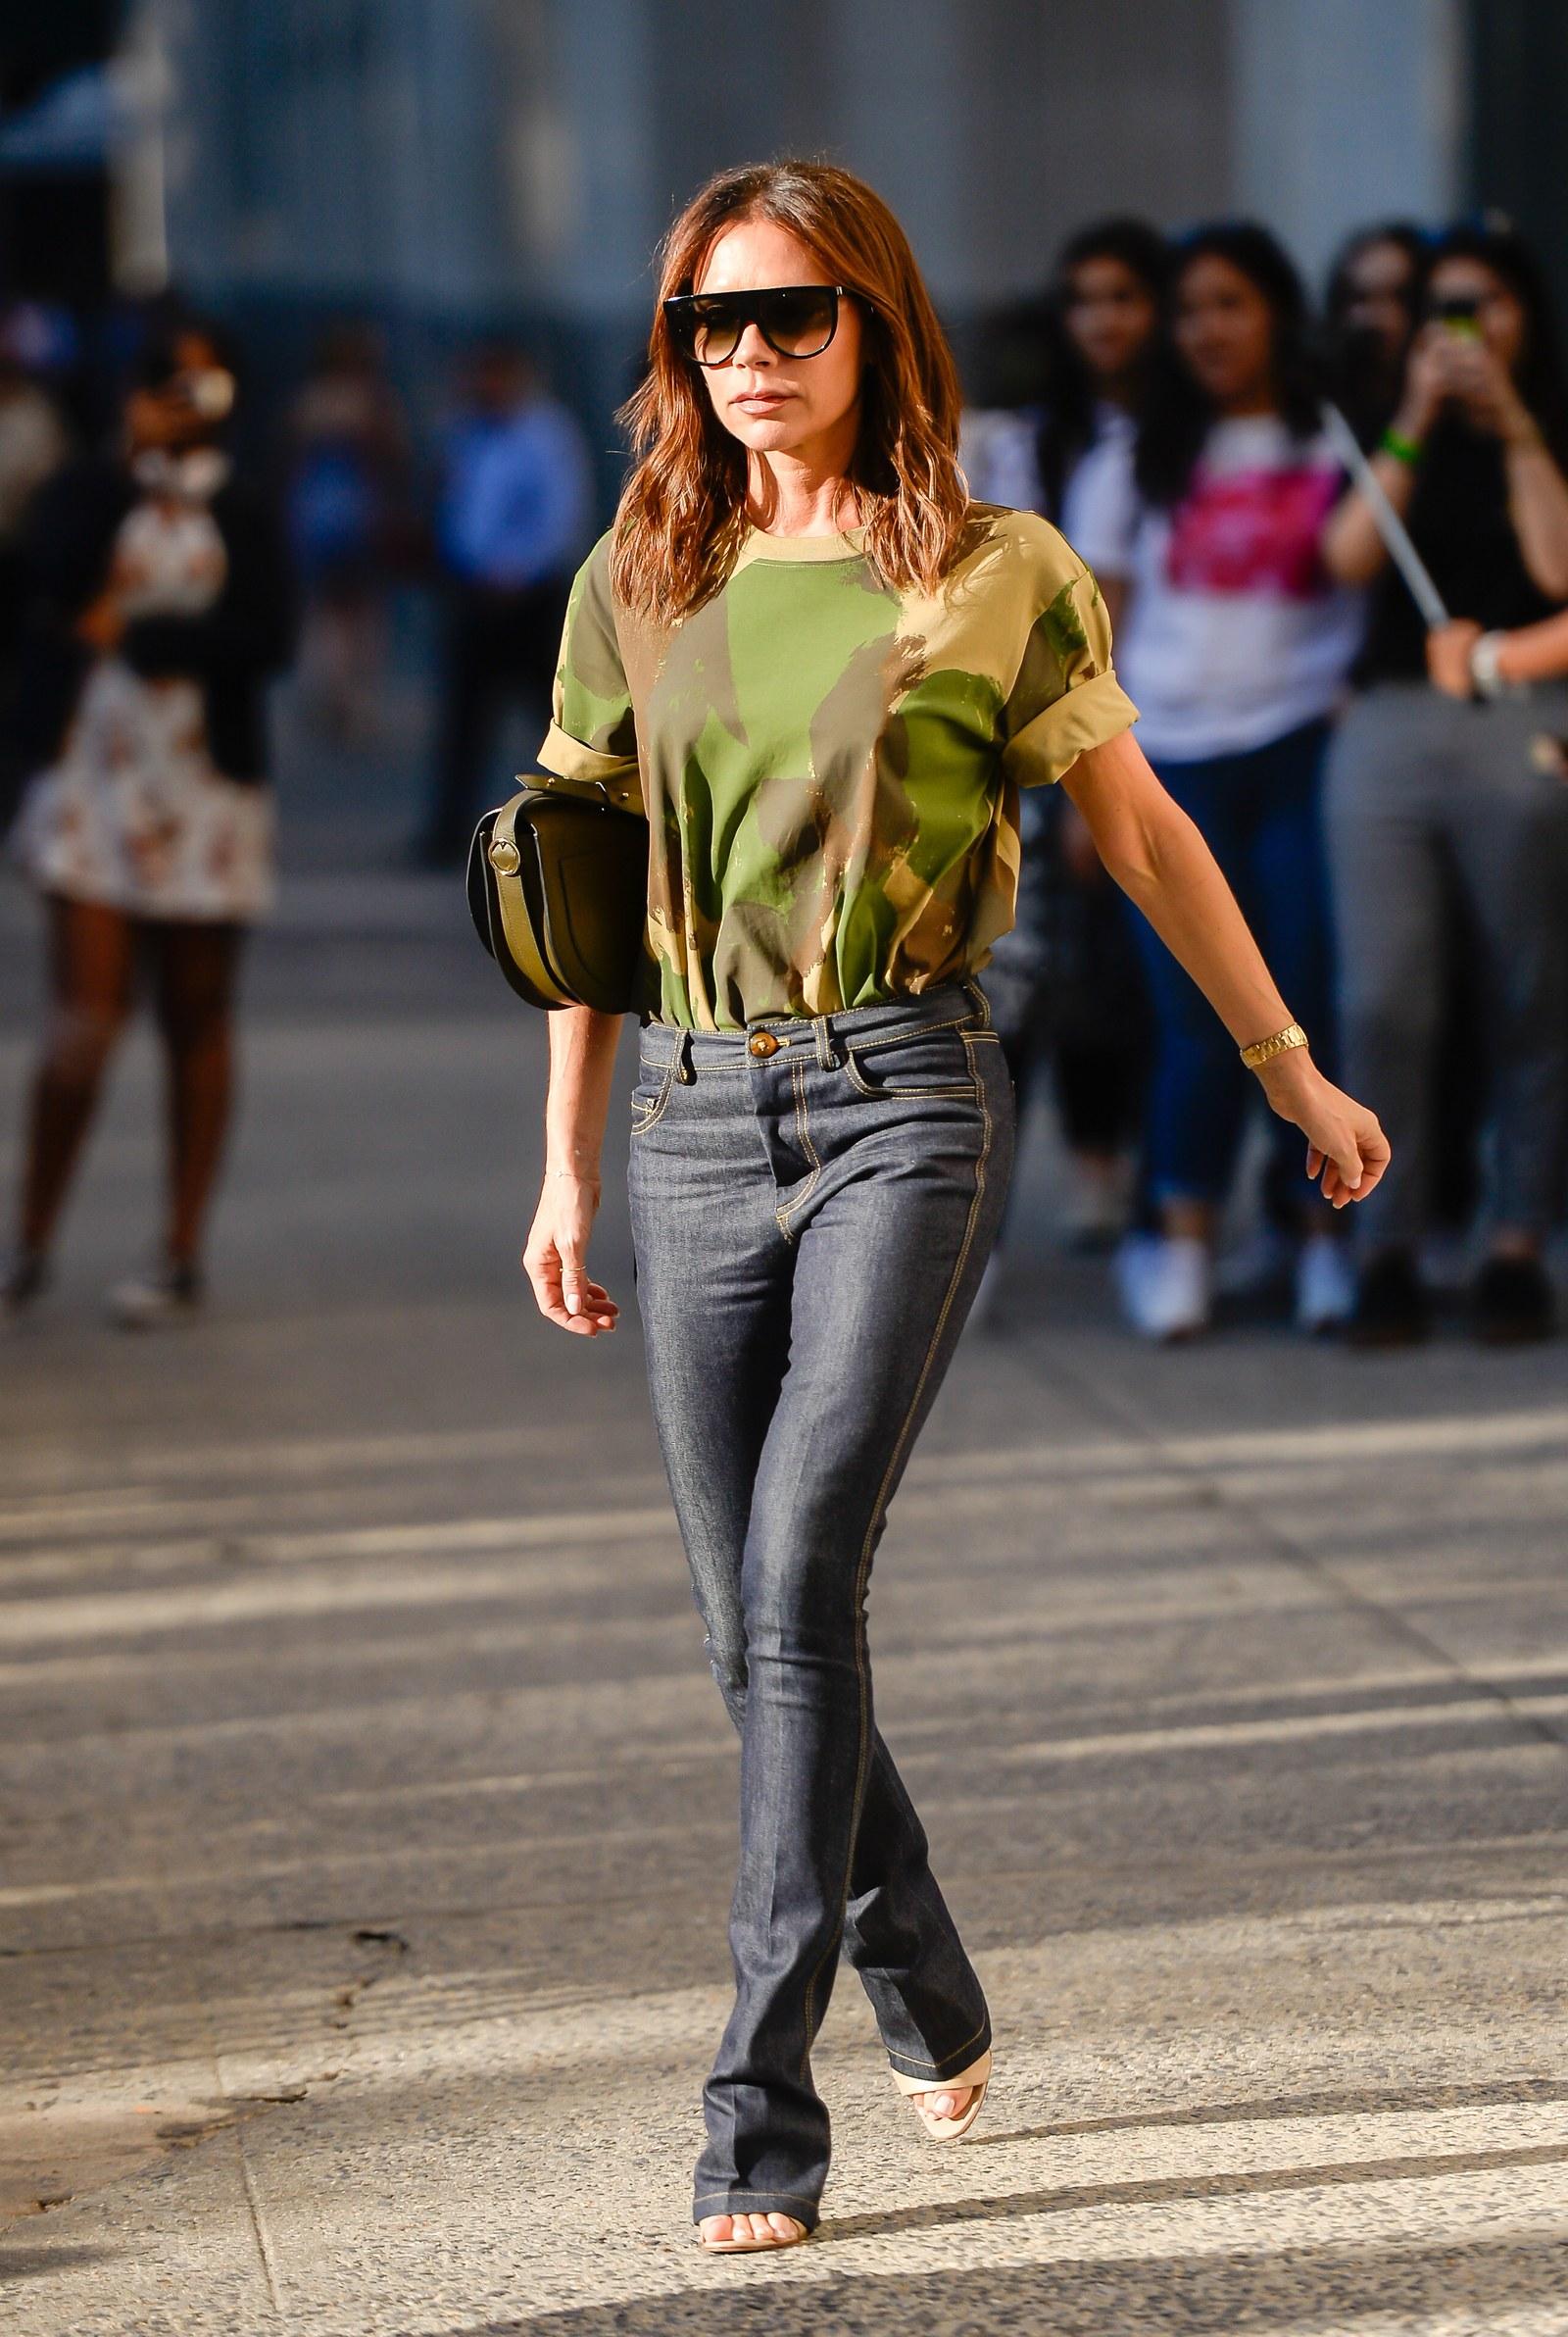 xu hướng thời trang jeans cạp trễ victoria beckham